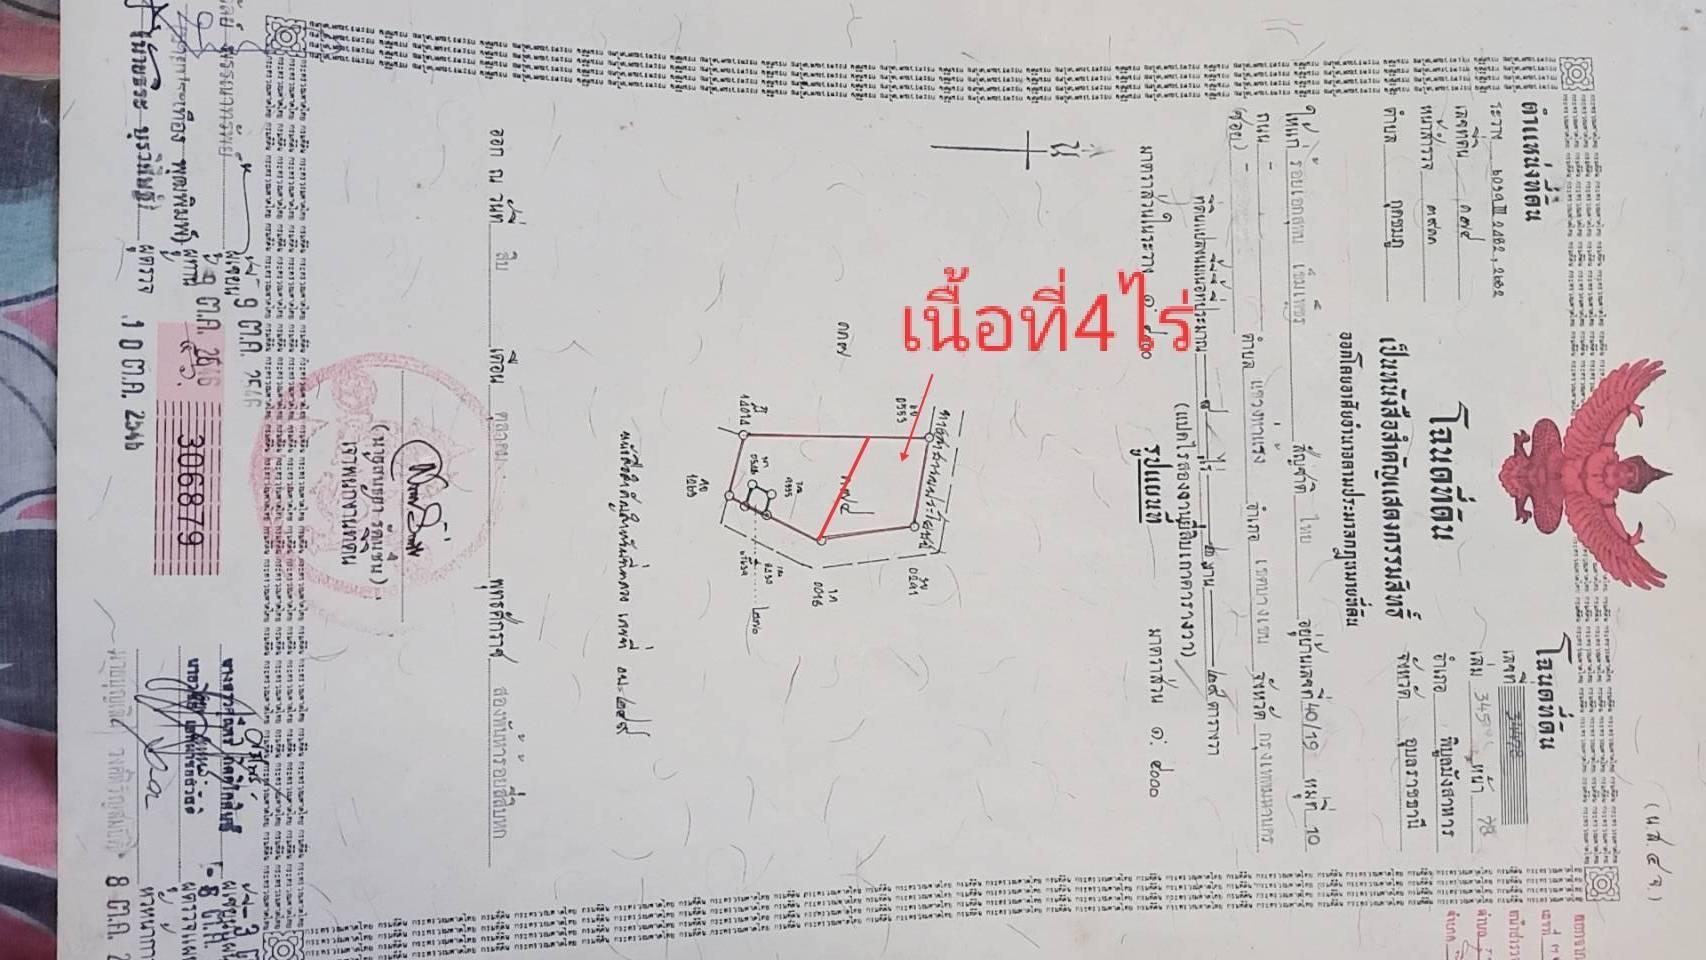 ภาพขาย ที่ดิน 4ไร่ พิบูลมังสาหาร อุบลราชธานี